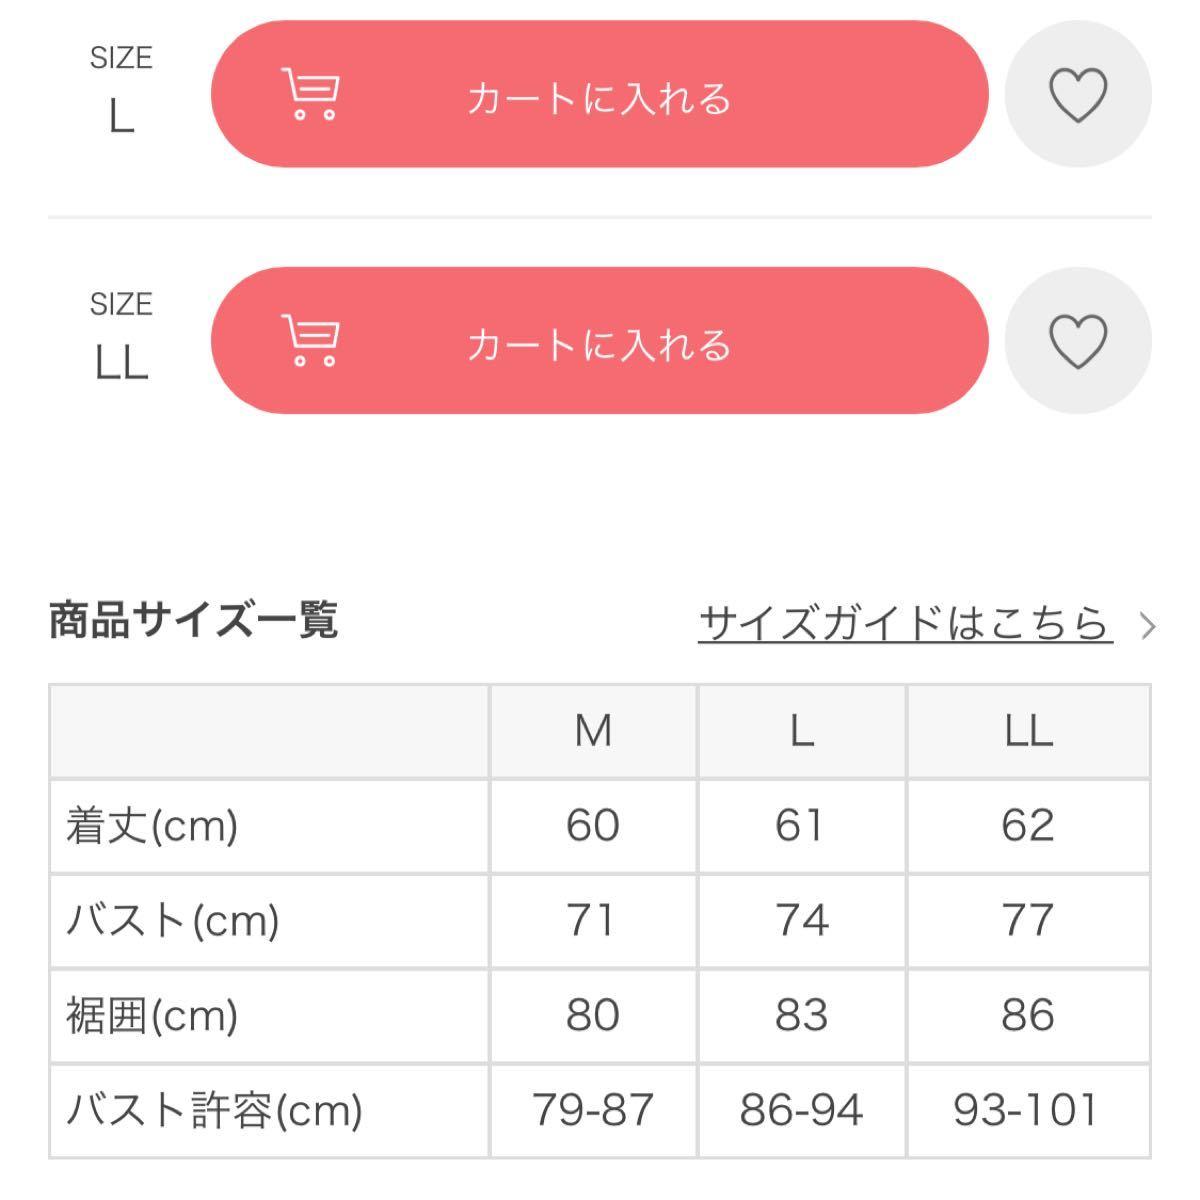 【LAVA】クロスタンクトップ ダスティブルー L サイズ